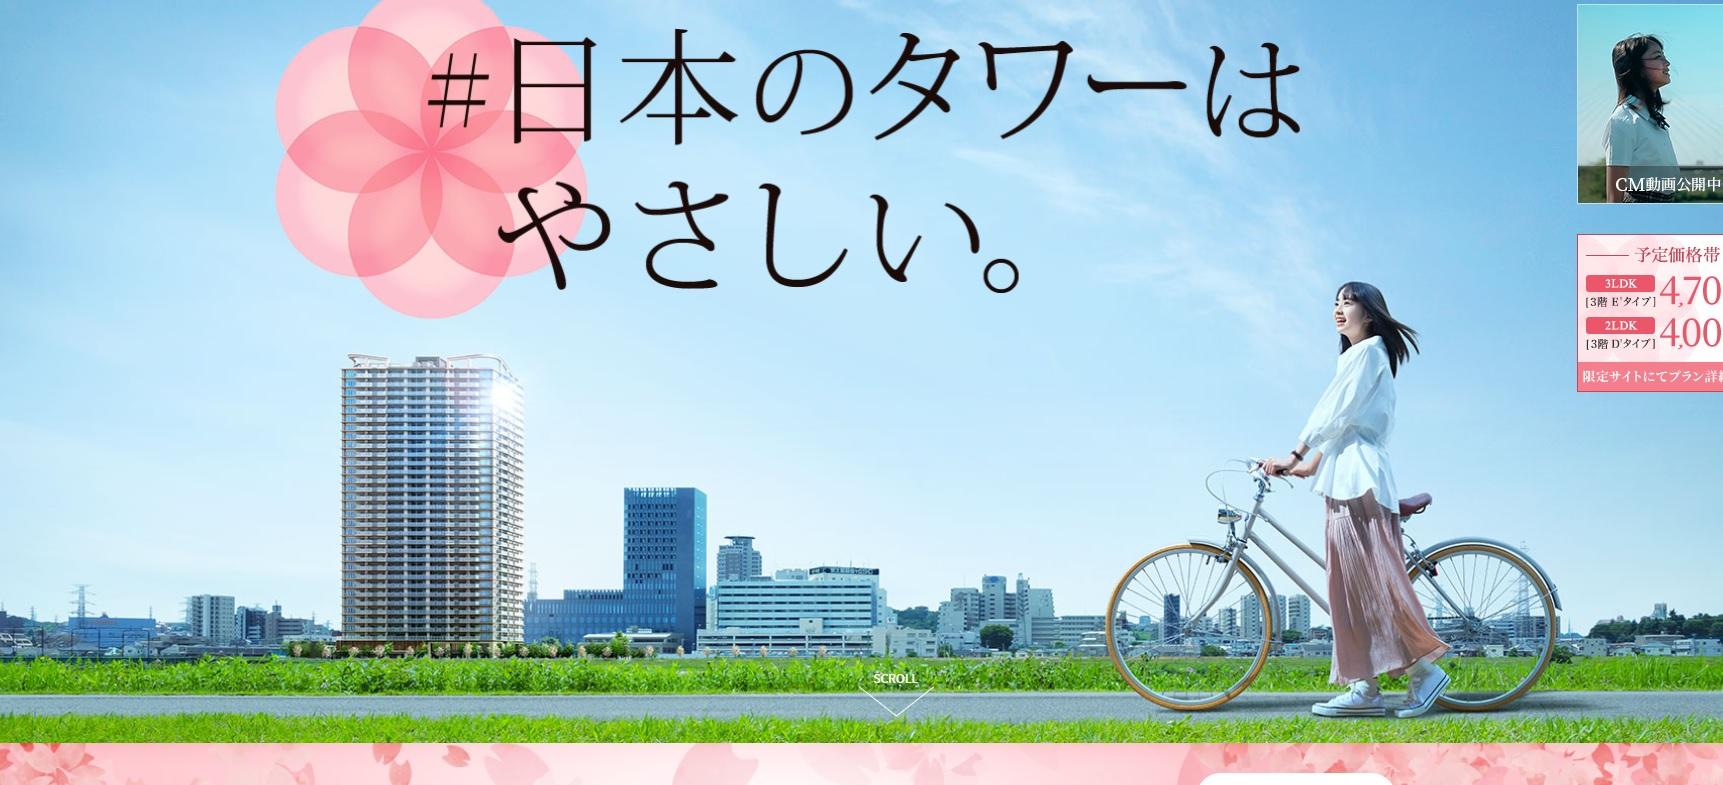 東京建物ら4社、聖蹟桜ヶ丘でタワーマンション―ZEHマンション採択の520戸、浸水対策も